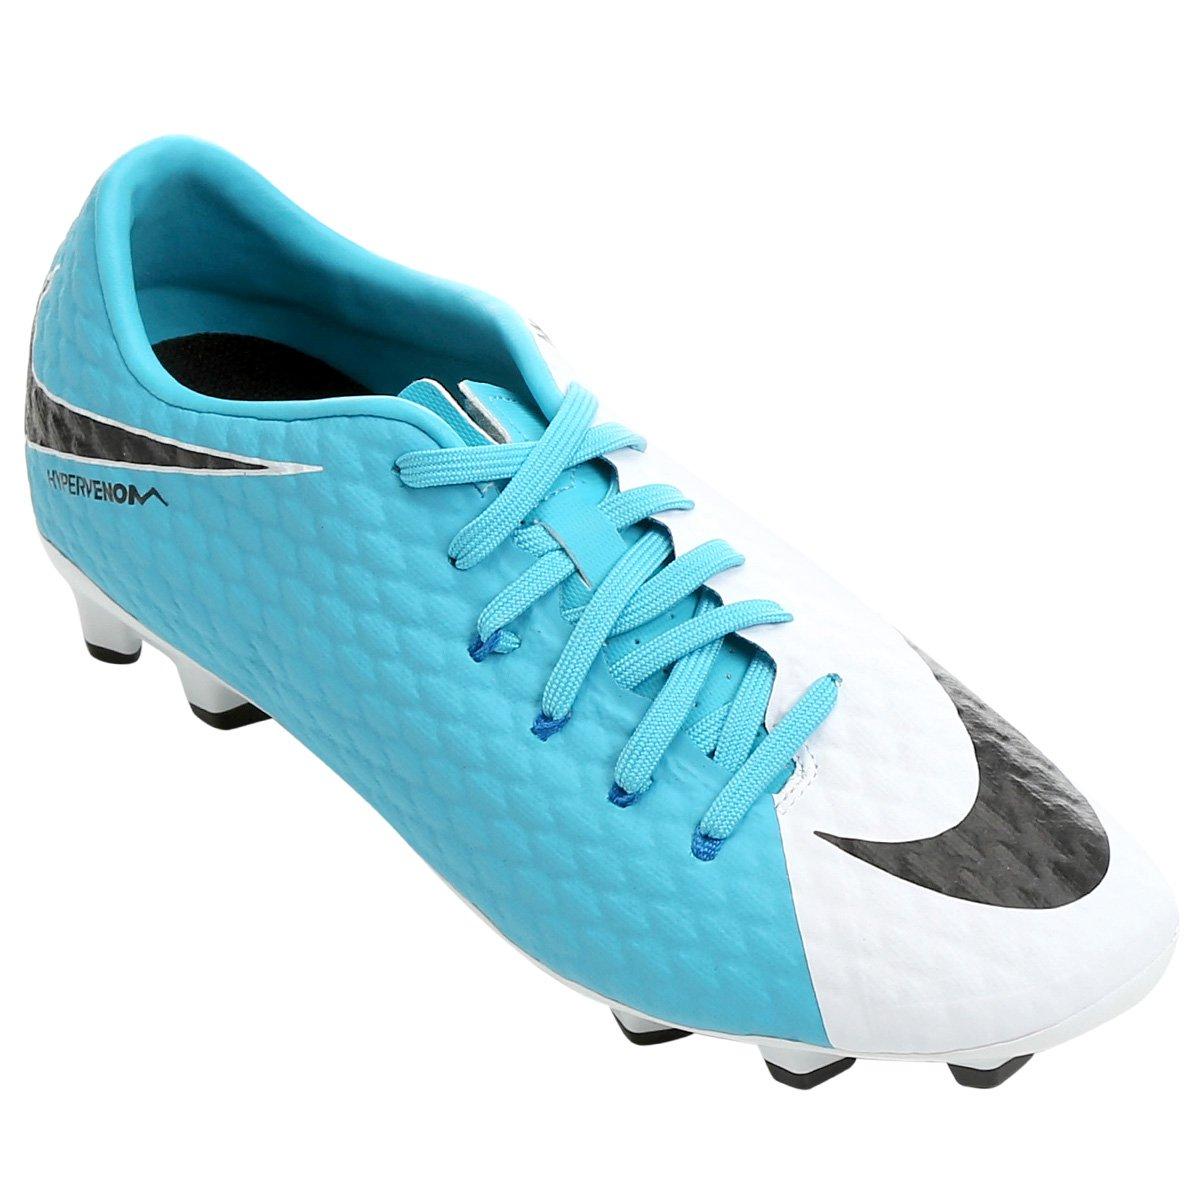 edcd0c79ff Chuteira Campo Nike Hypervenom Phelon 3 FG - Branco e Azul - Compre ...